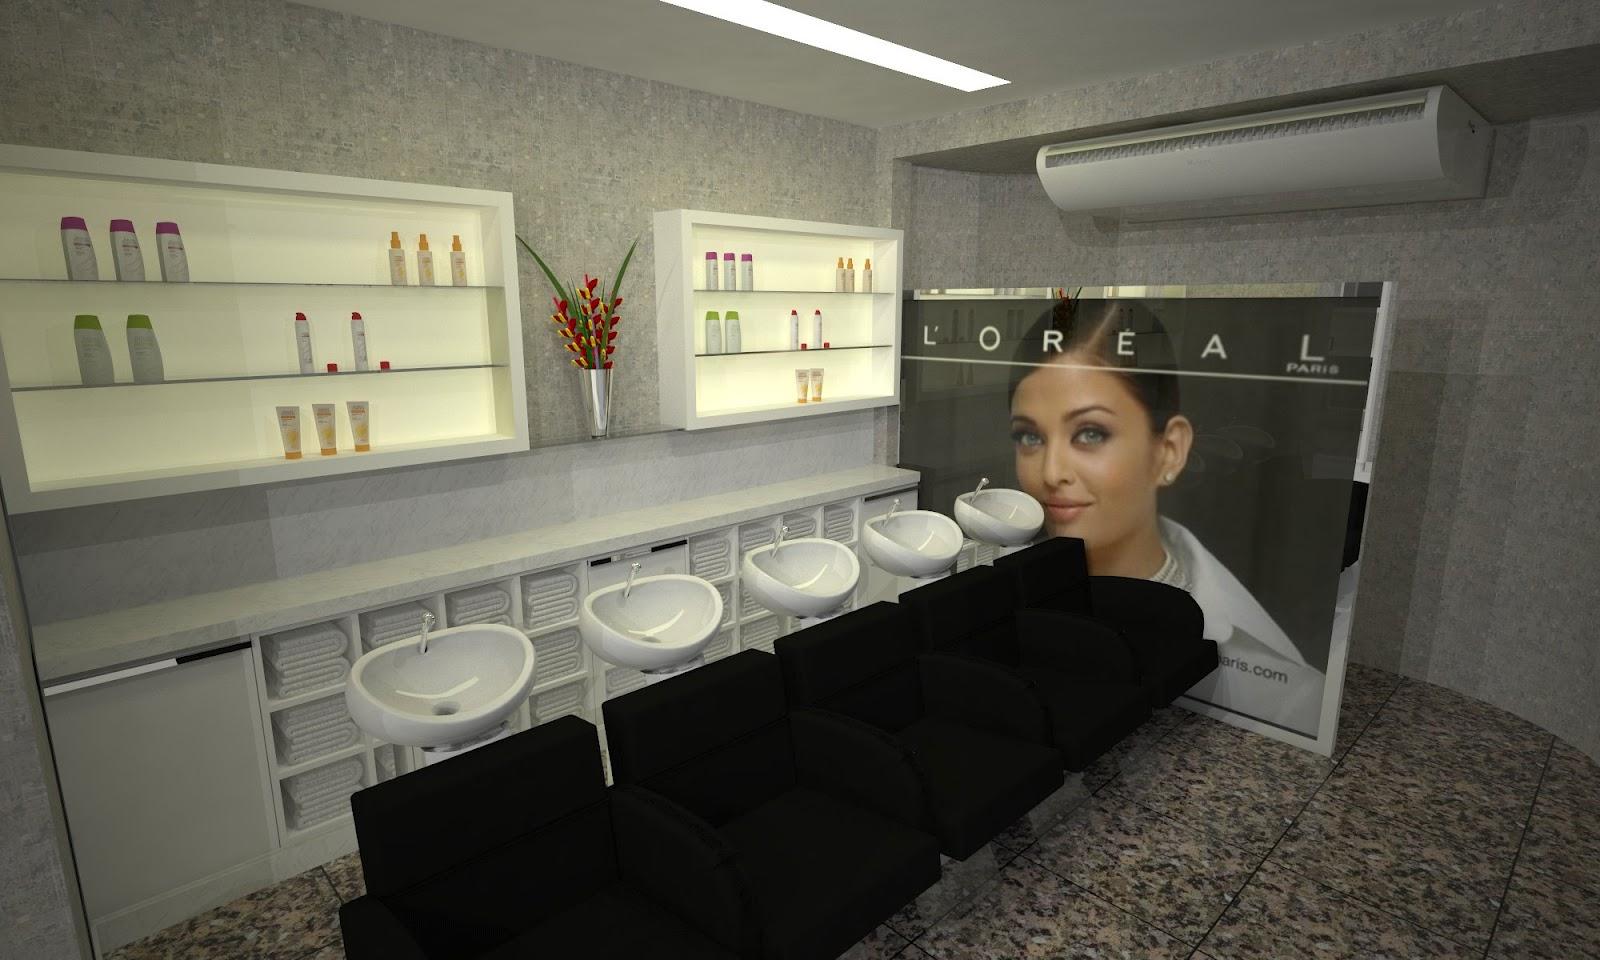 Os armários do lavatório possuem espaço definido pra toalhas secas  #4F5938 1600x960